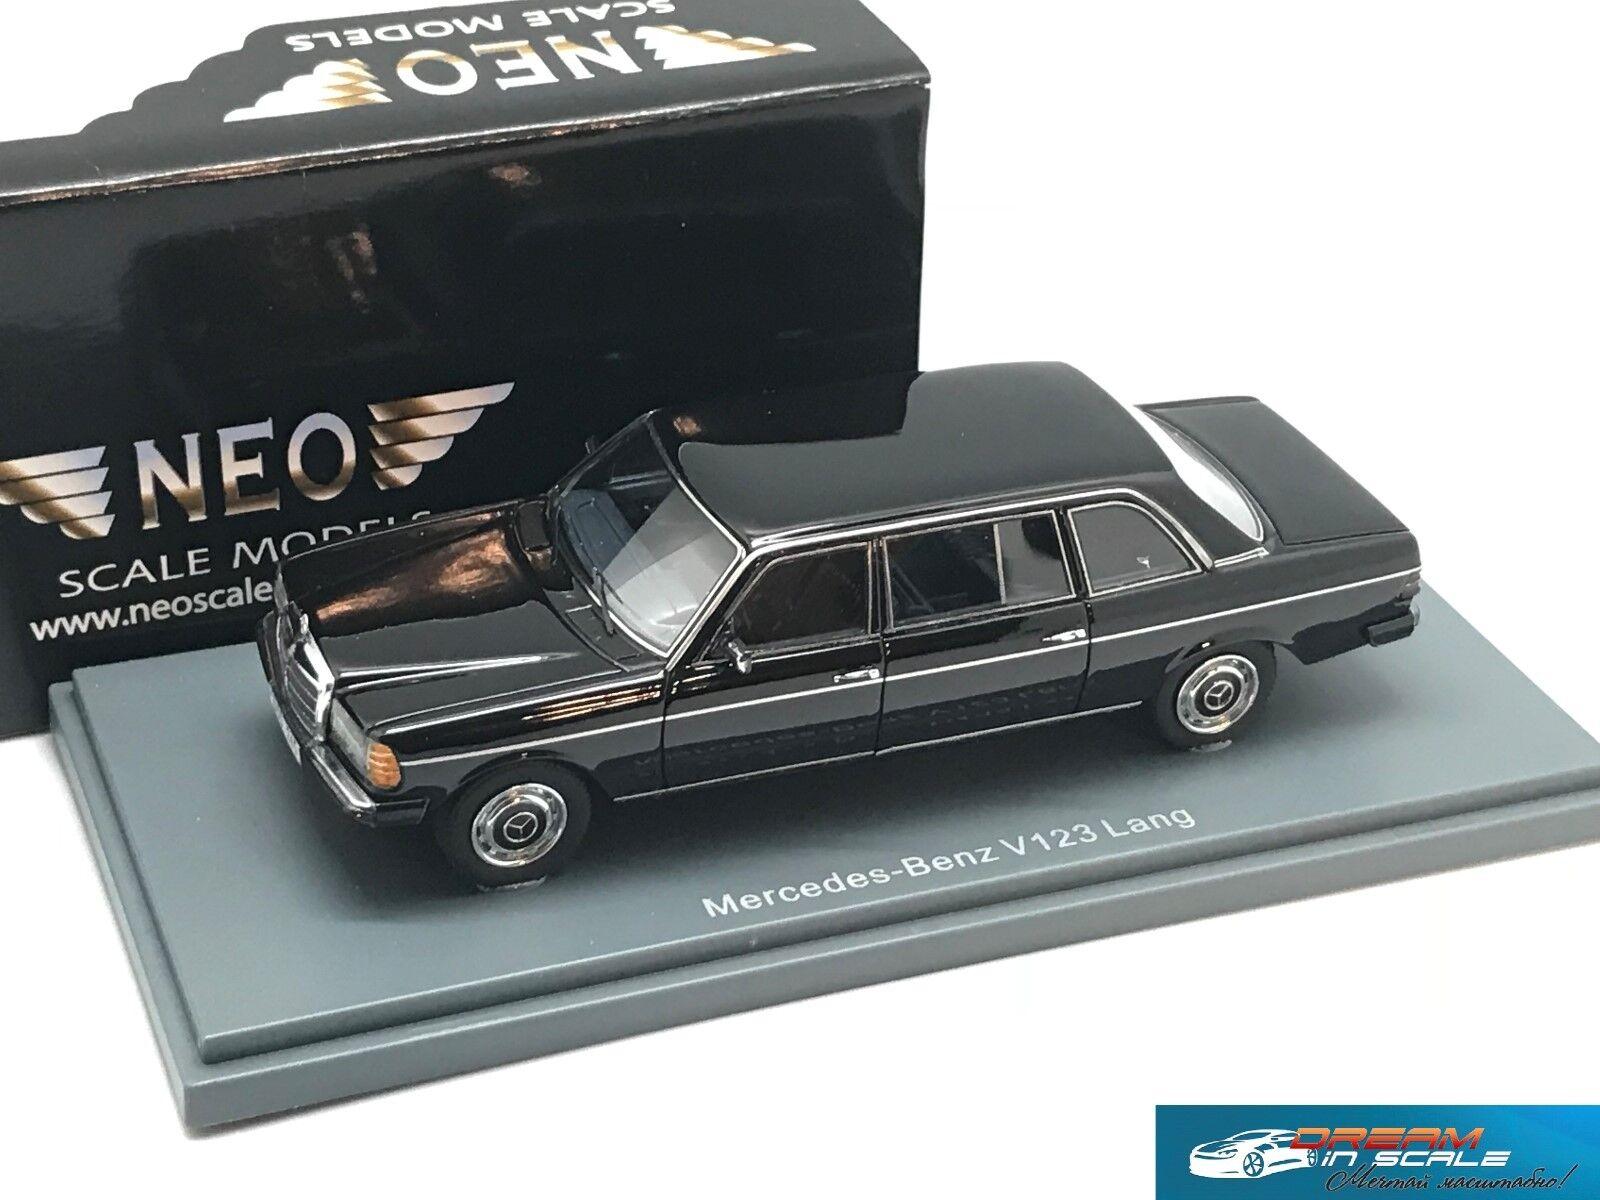 Mercedes Benz W123 lang noir 1978 NEO44245 1 43